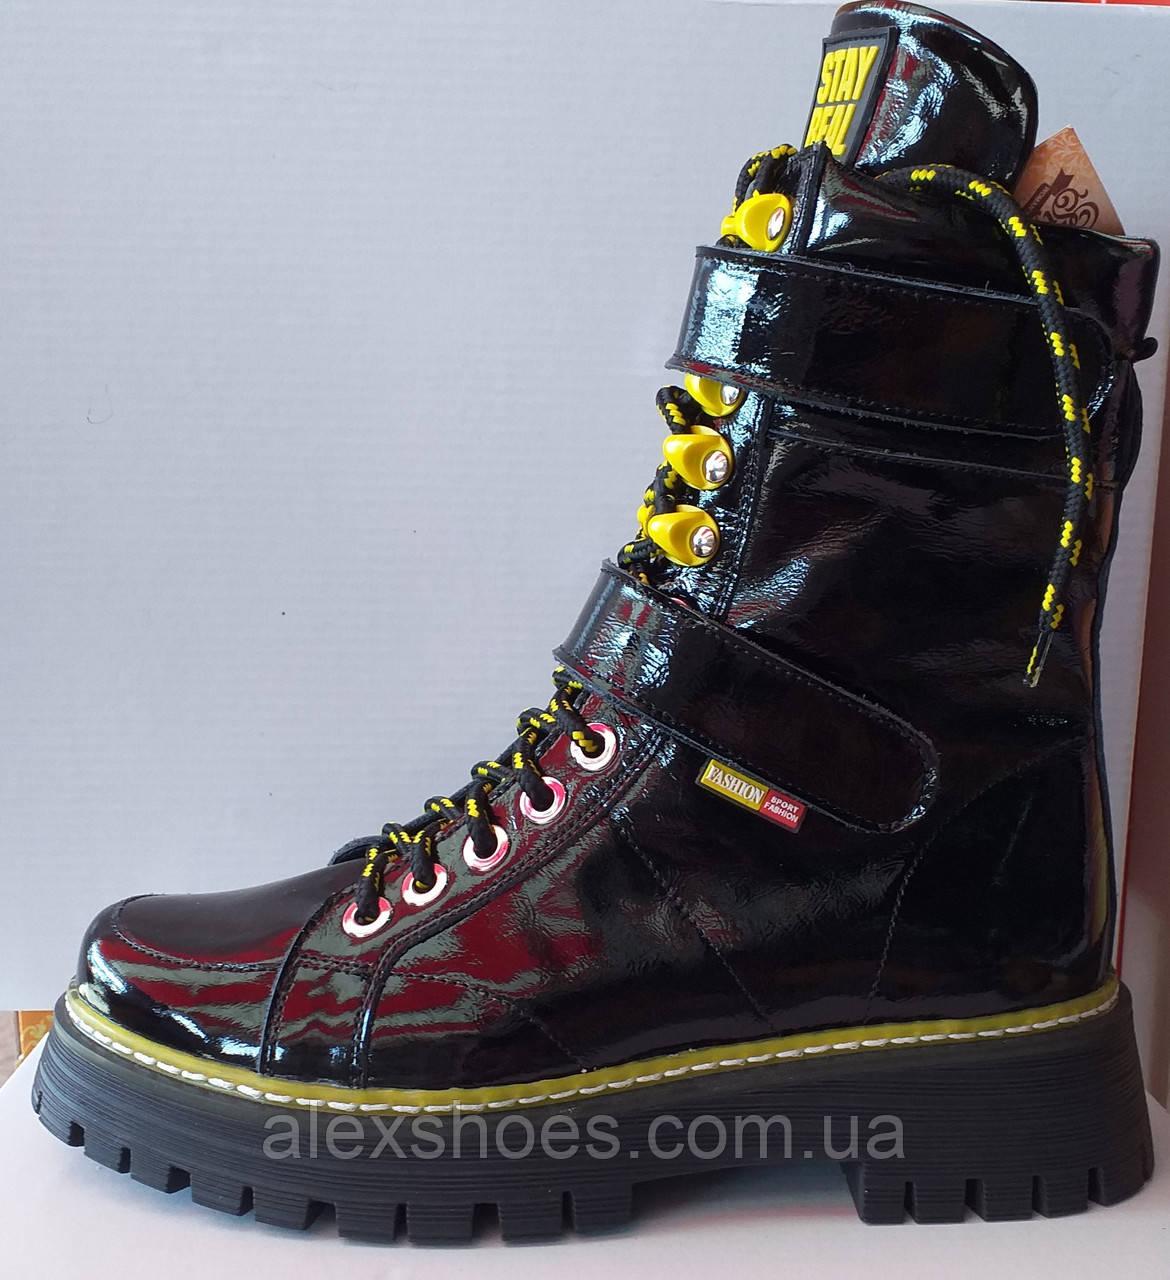 Ботинки молодежные из натуральной кожи от производителя модель КС2111